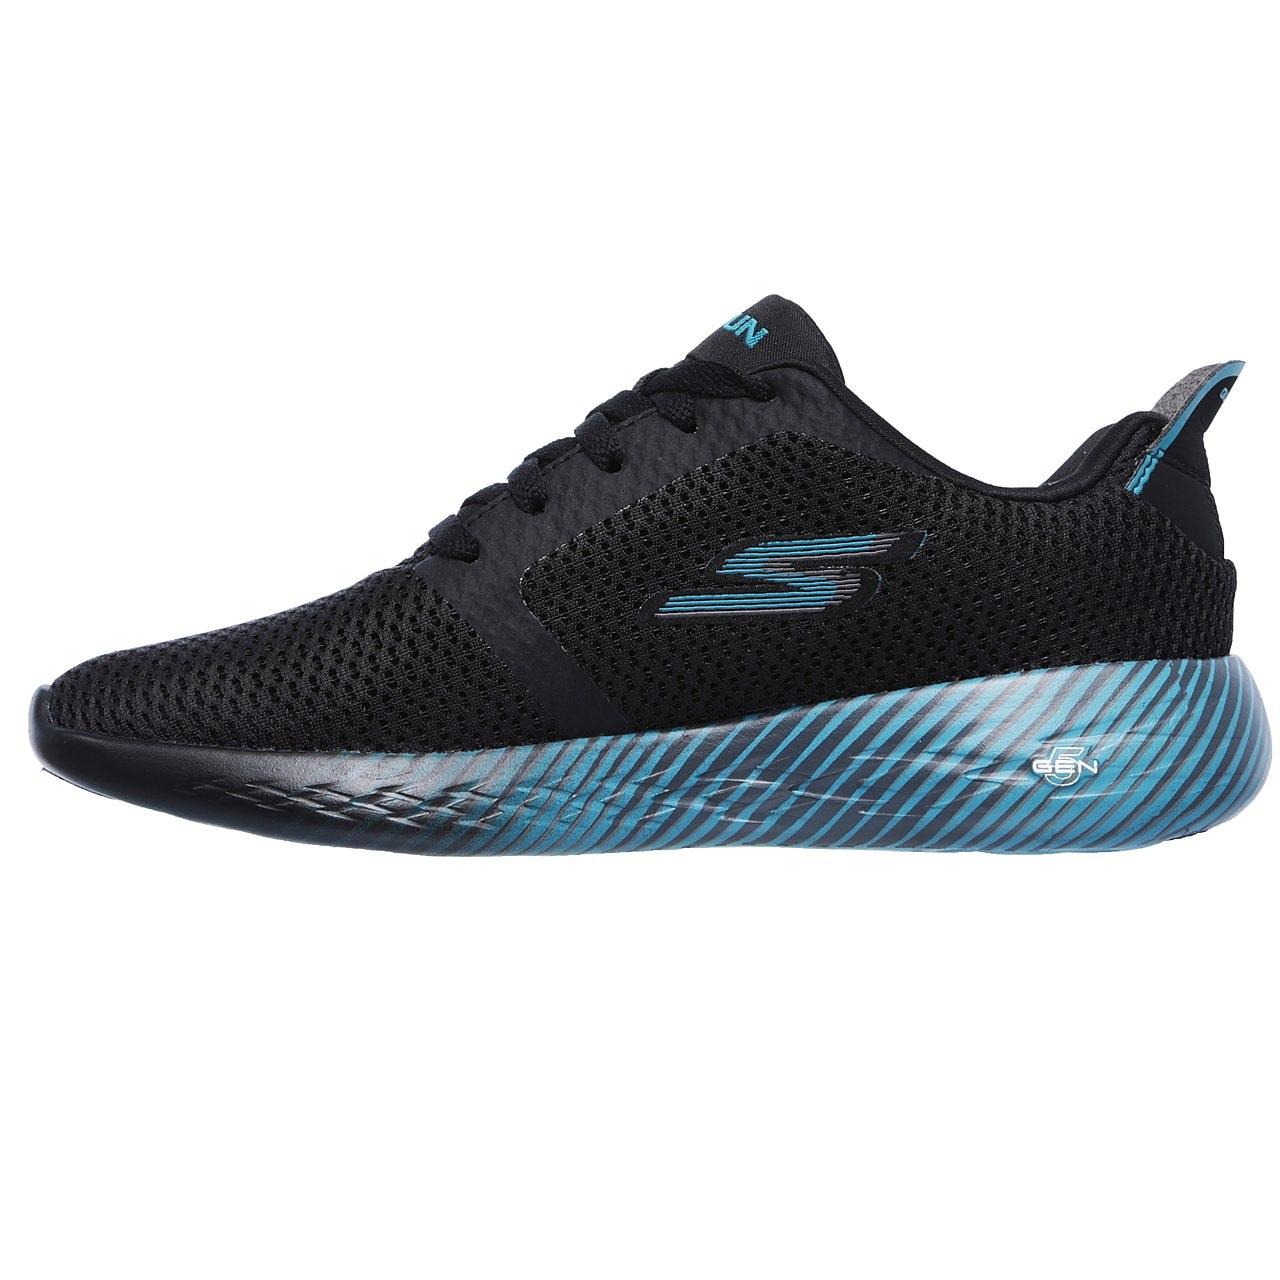 کفش مخصوص پیاده روی زنانه اسکچرز مدل 15067BKBL